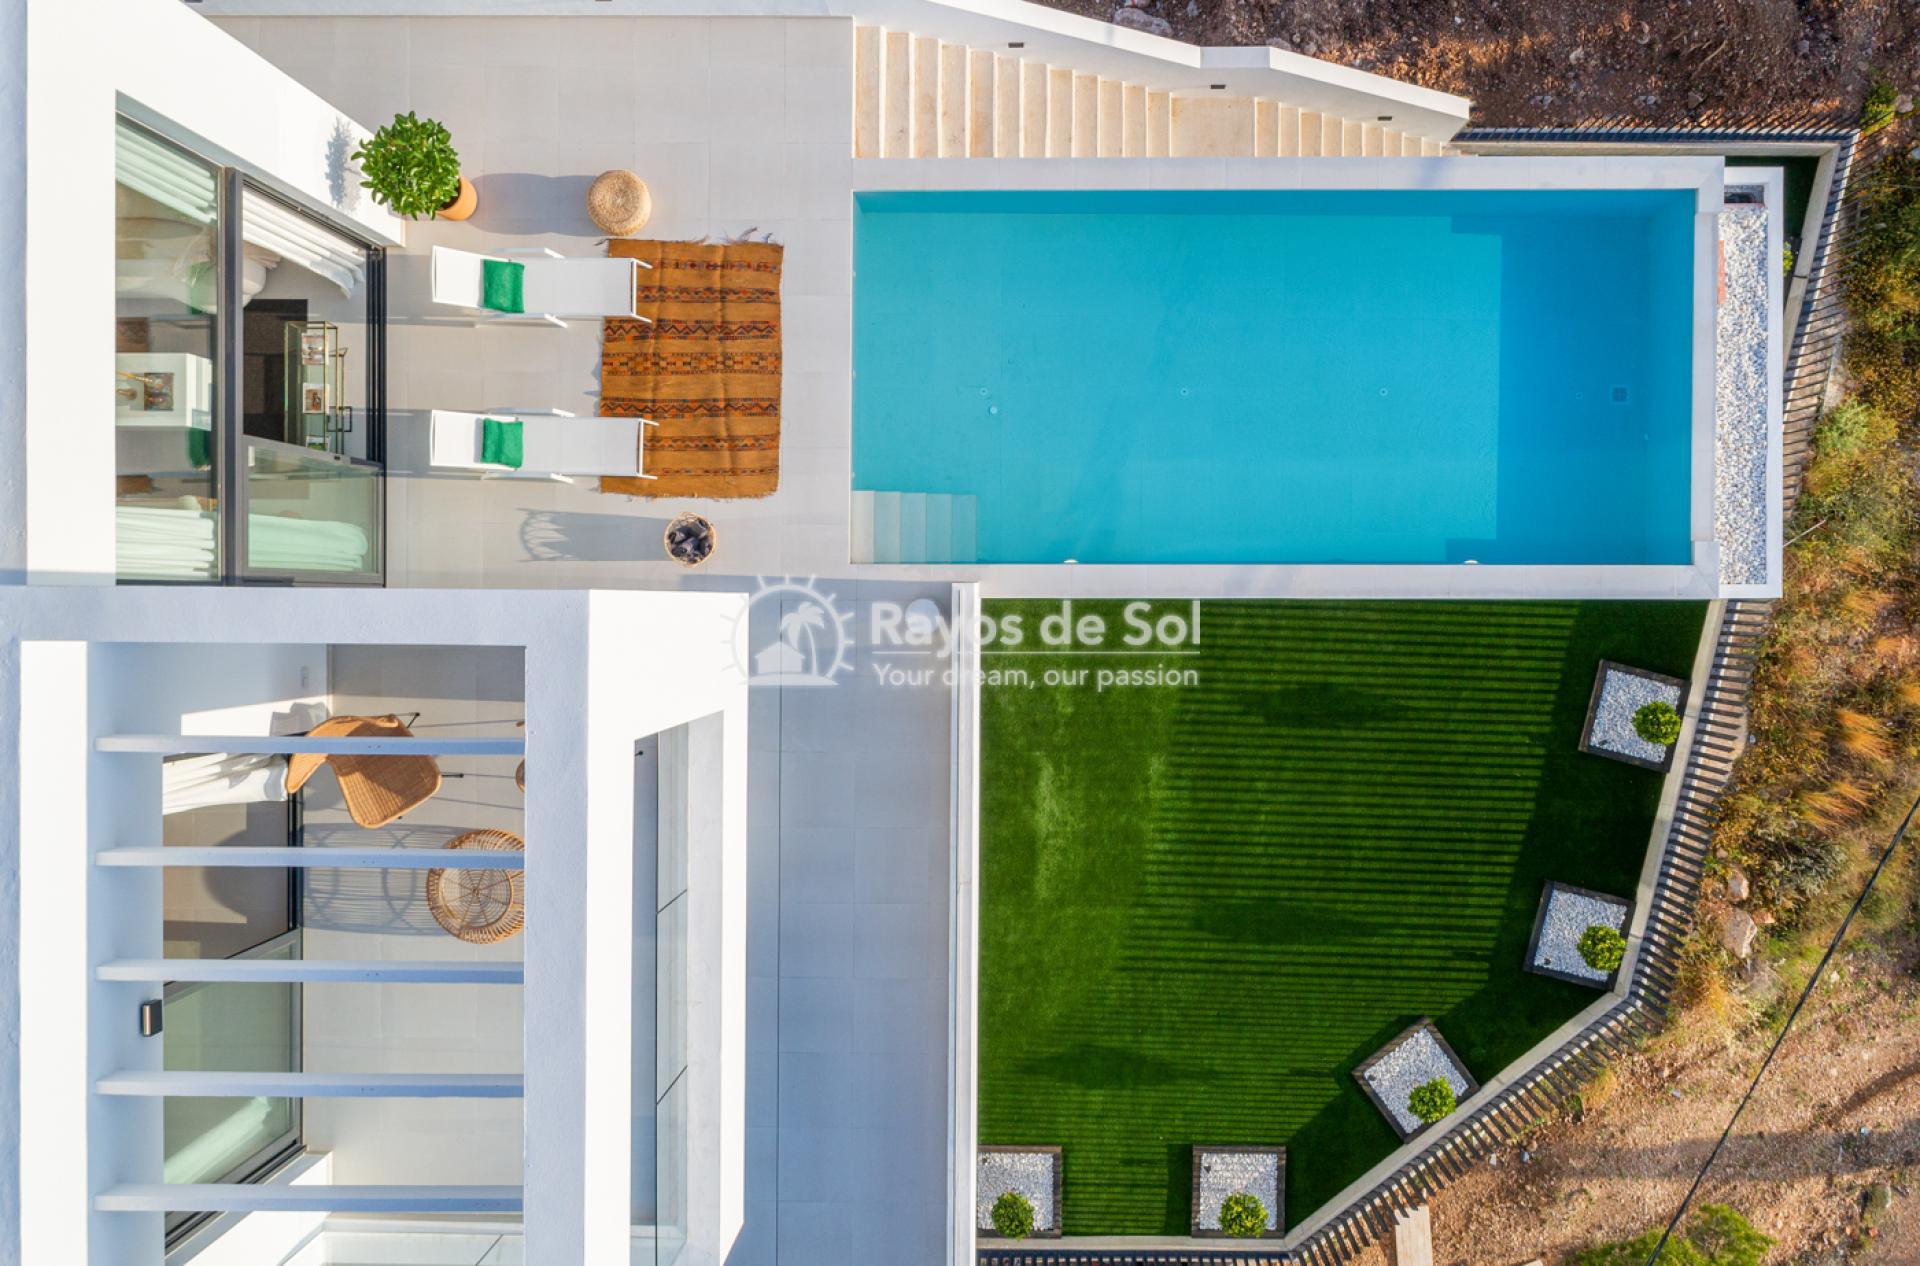 Villa  in Polop, Costa Blanca (venecia3-julieta) - 60